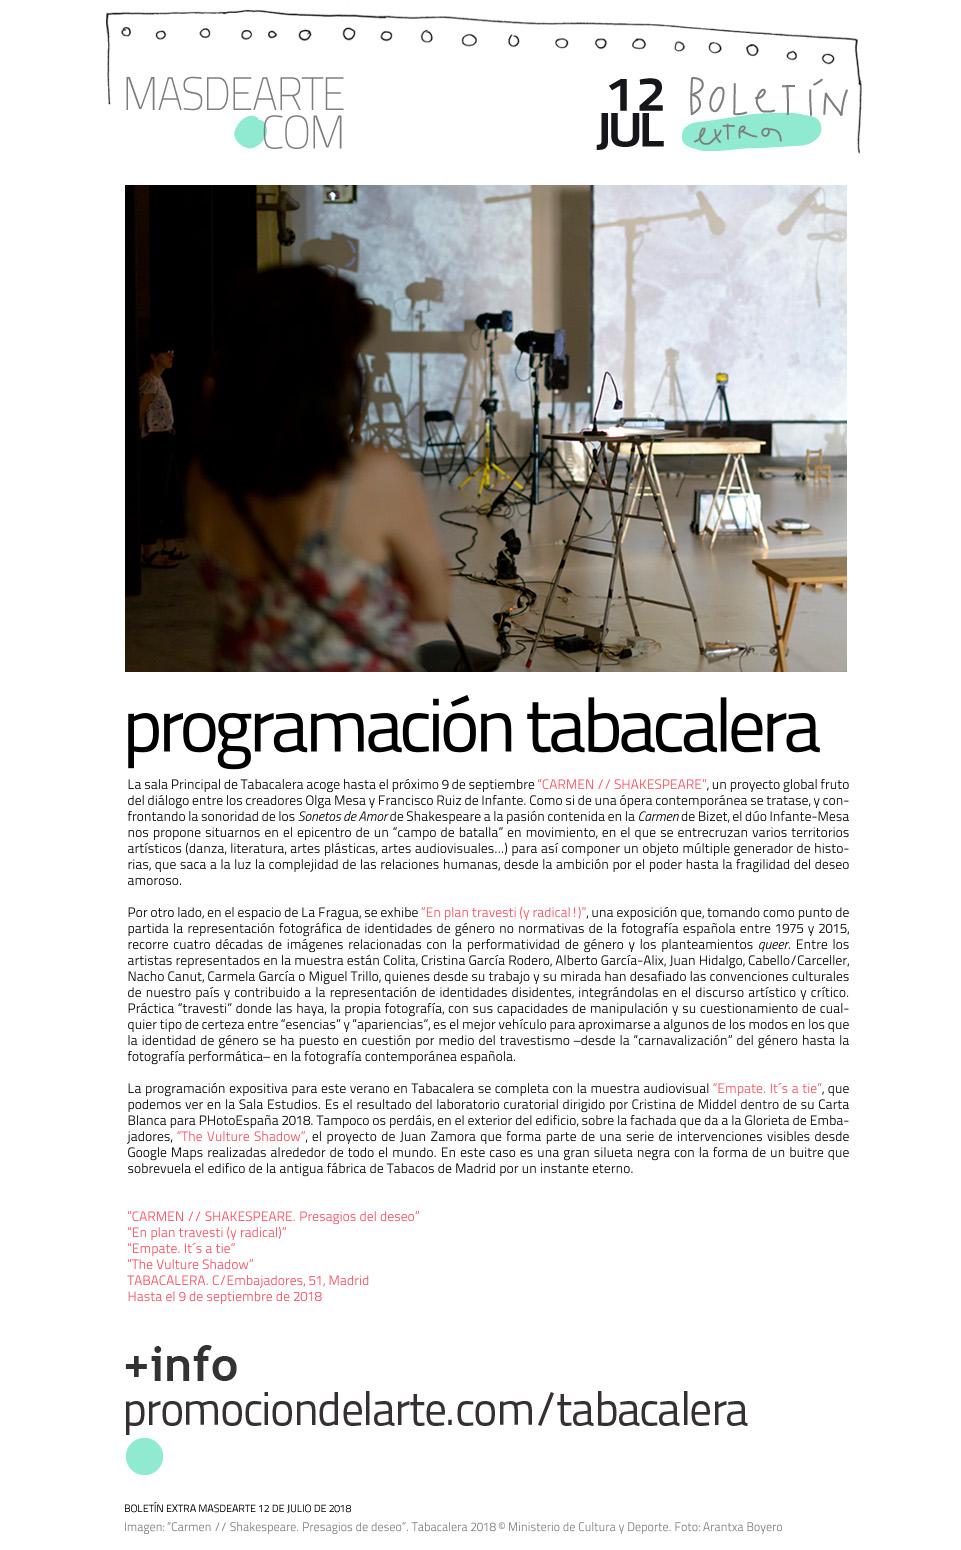 Programación expositiva en Tabacalera de julio a septiembre de 2018